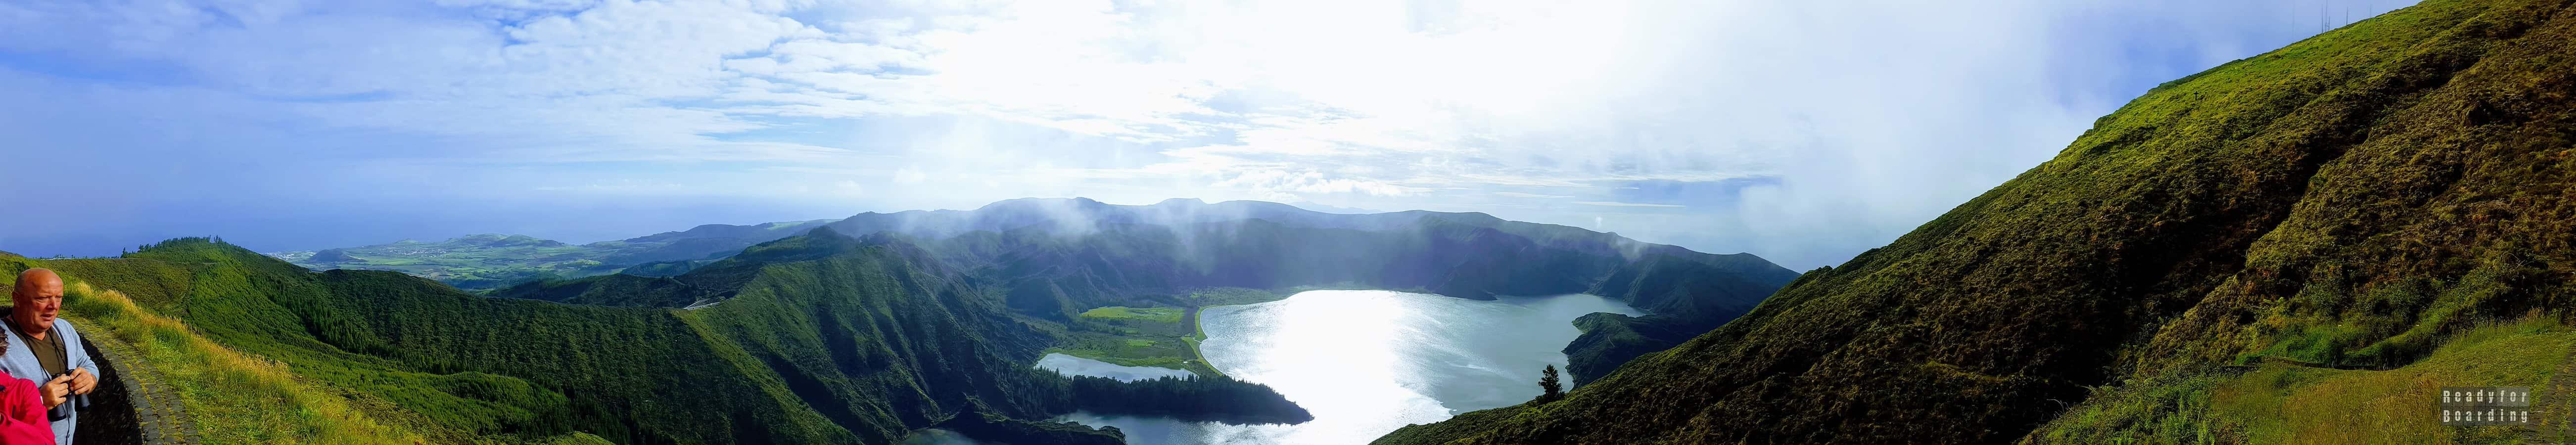 Panorama: Lagoa do Fogo - Sao Miguel, Azory